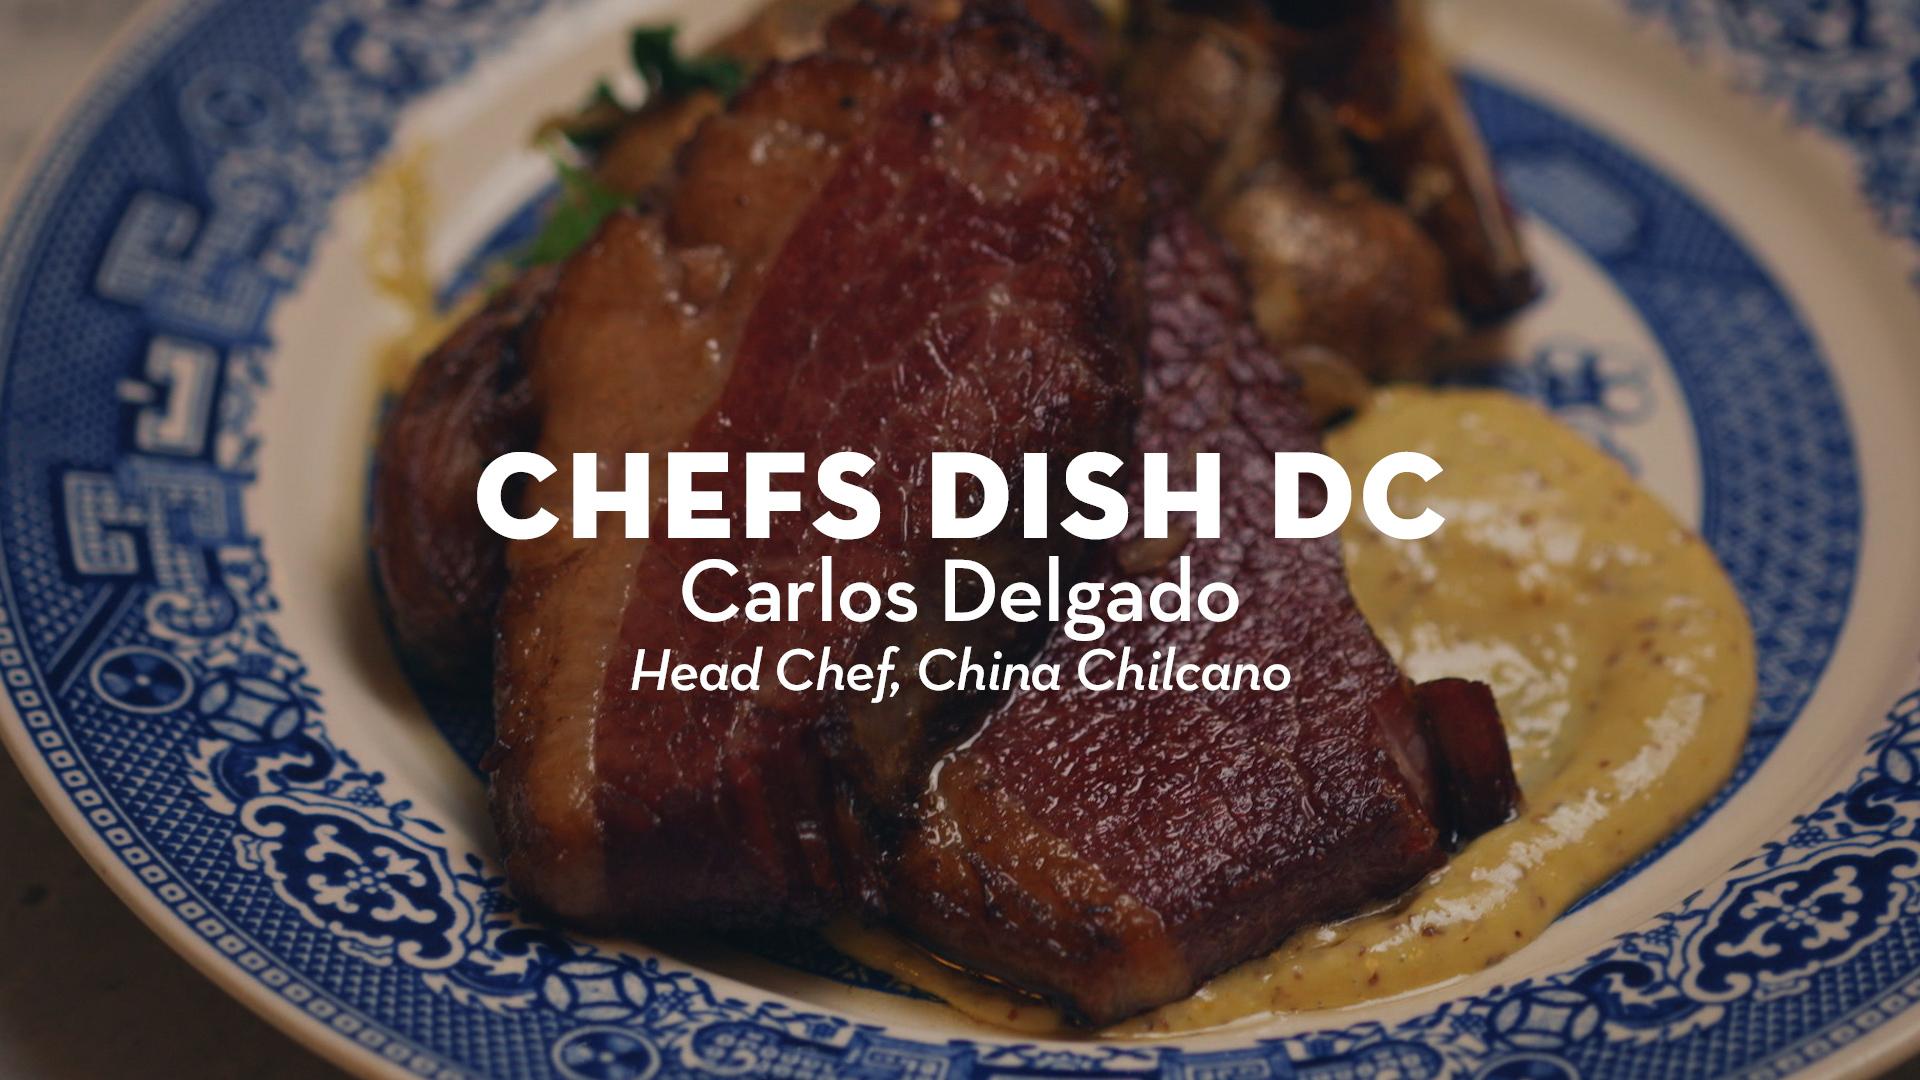 Chefs Dish DC | Chef Carlos Delgado